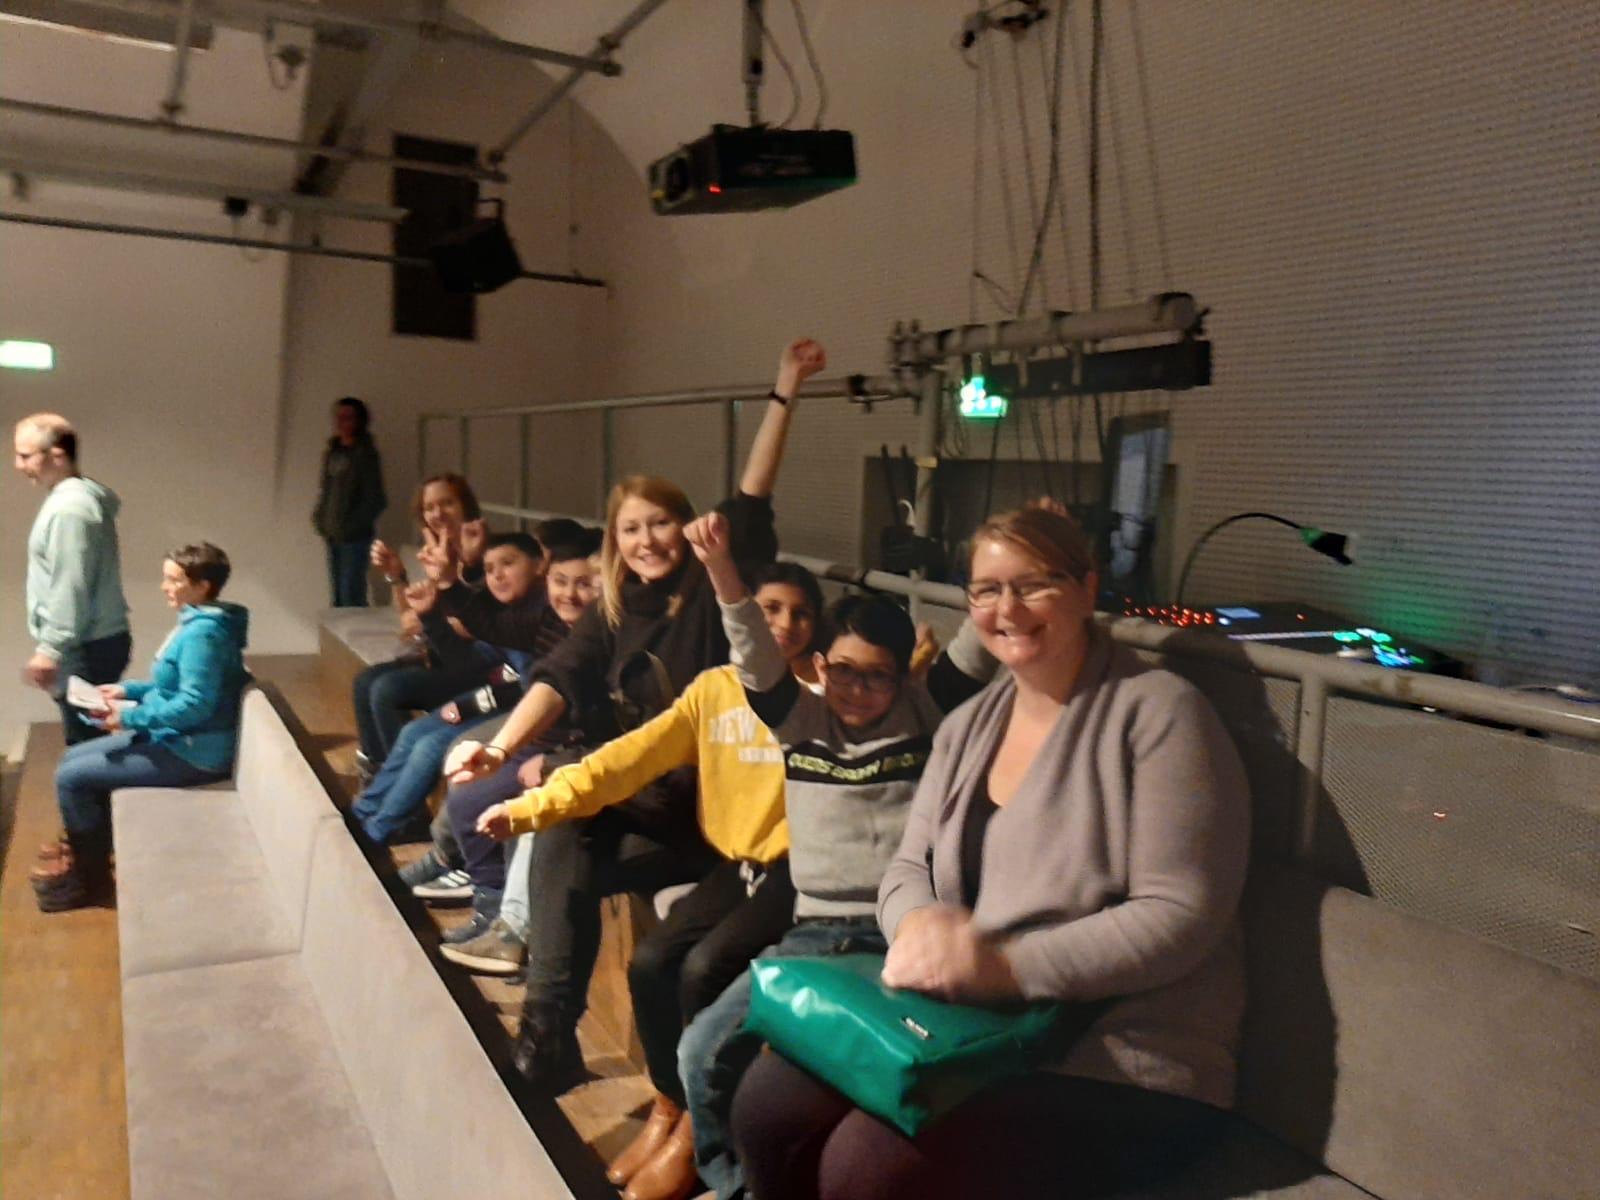 Dschungel-Wien-Gruppe-Publikum-2